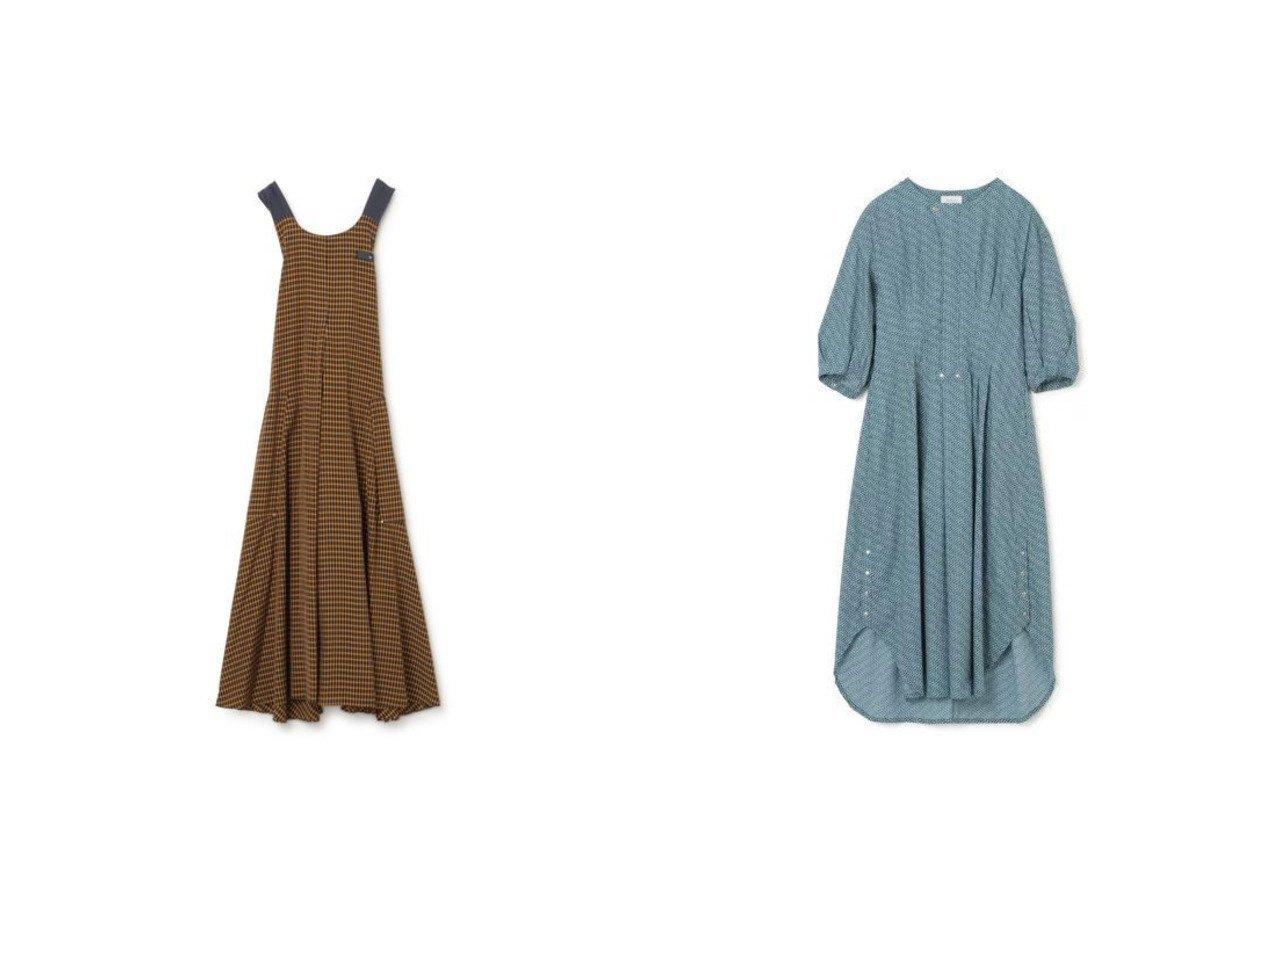 【EARIH/アーリ】のPIOPELE SCALF STRAP DRESS&WAVE PATTERN WAIST TACK DRESS 【ワンピース・ドレス】おすすめ!人気、トレンド・レディースファッションの通販 おすすめで人気の流行・トレンド、ファッションの通販商品 メンズファッション・キッズファッション・インテリア・家具・レディースファッション・服の通販 founy(ファニー) https://founy.com/ ファッション Fashion レディースファッション WOMEN ワンピース Dress ドレス Party Dresses 2021年 2021 2021春夏・S/S SS/Spring/Summer/2021 S/S・春夏 SS・Spring/Summer エレガント スカーフ チェック ドレス ノースリーブ フレア ポケット 洗える |ID:crp329100000031141